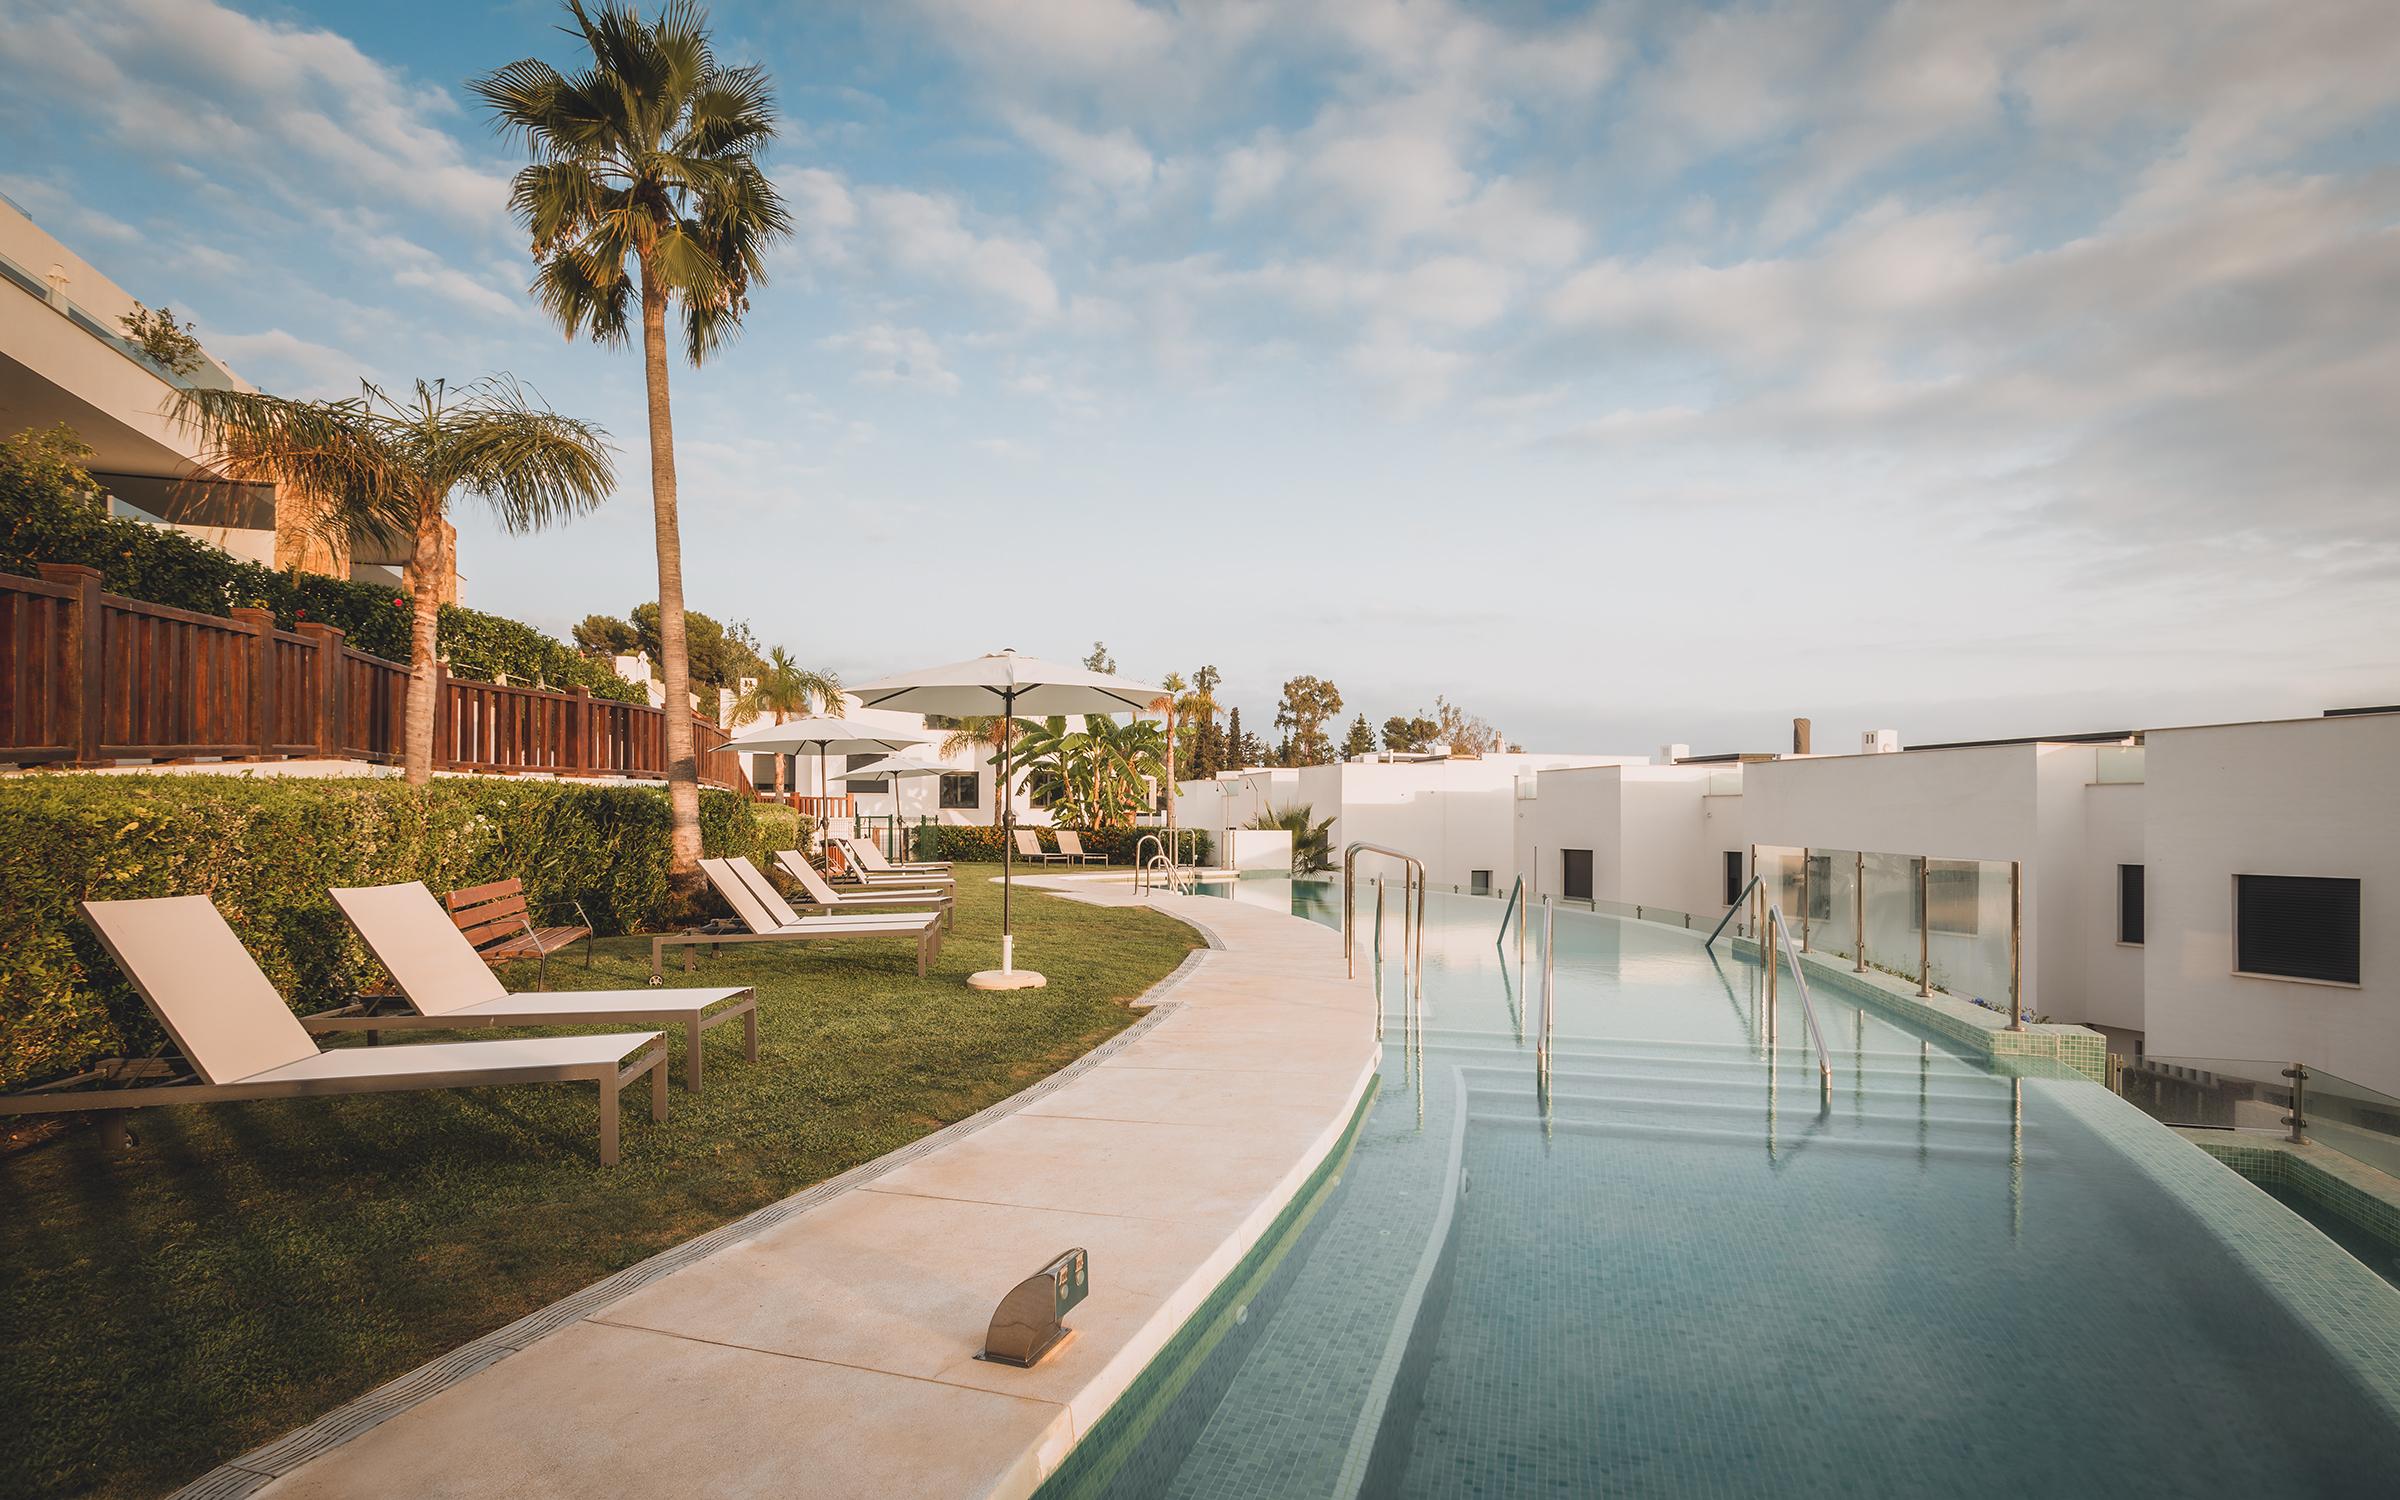 Main Pool Almodóvar Villa Marbella